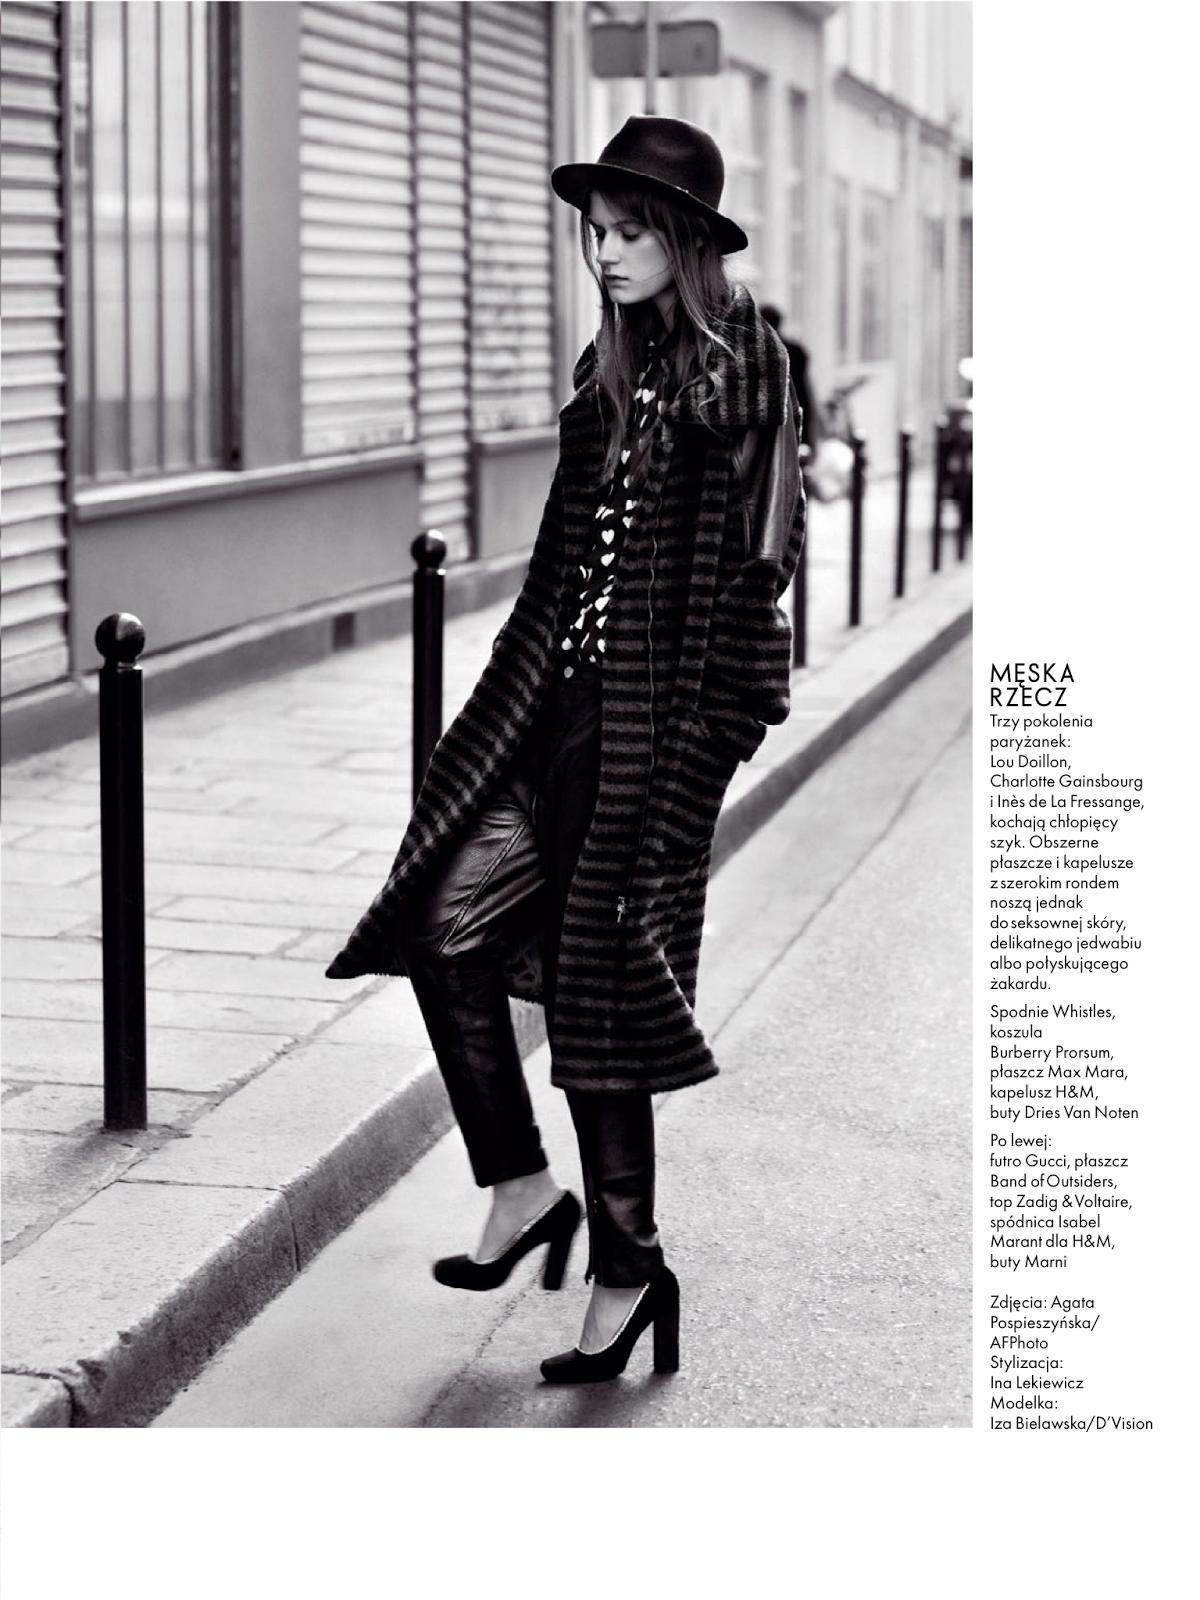 Fashion visual optimism fashion editorials shows